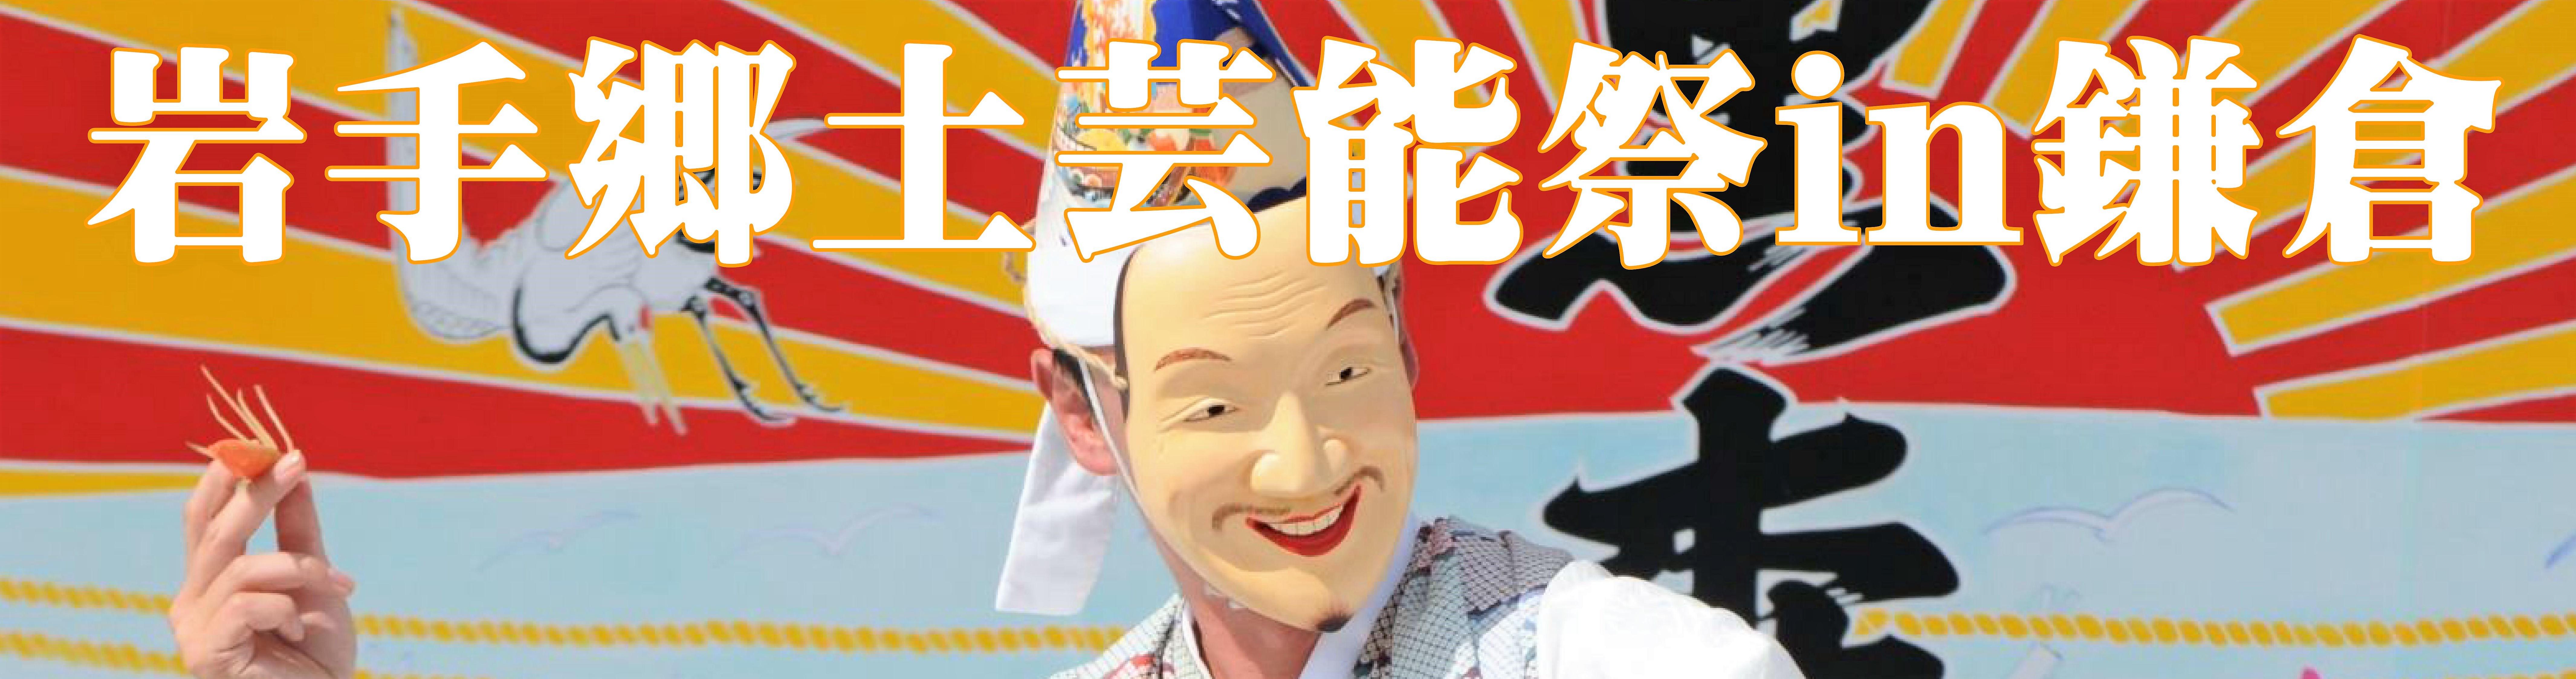 岩手郷土芸能祭in鎌倉